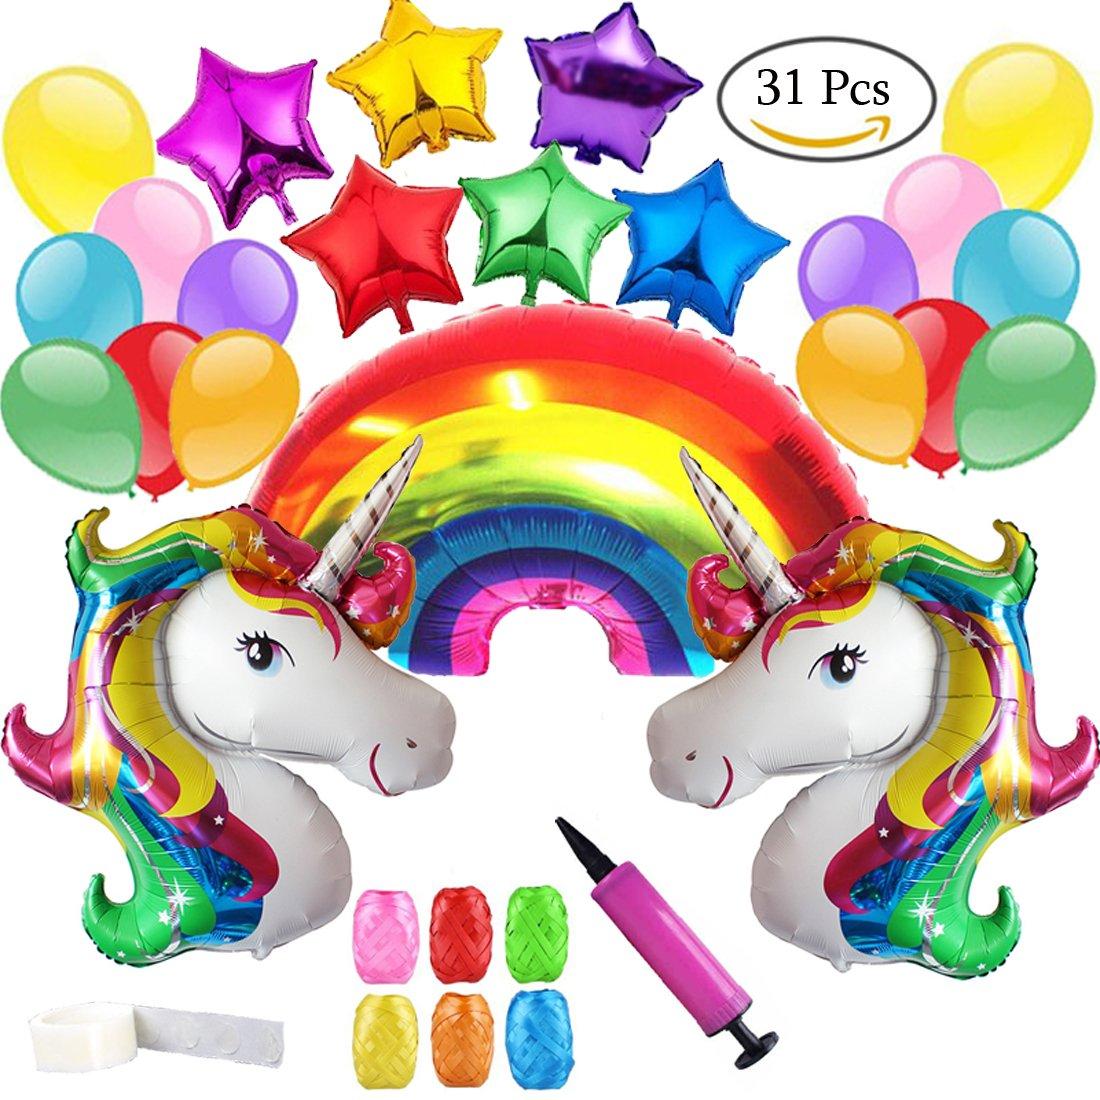 Cómo montar una fiesta de cumpleaños de unicornios